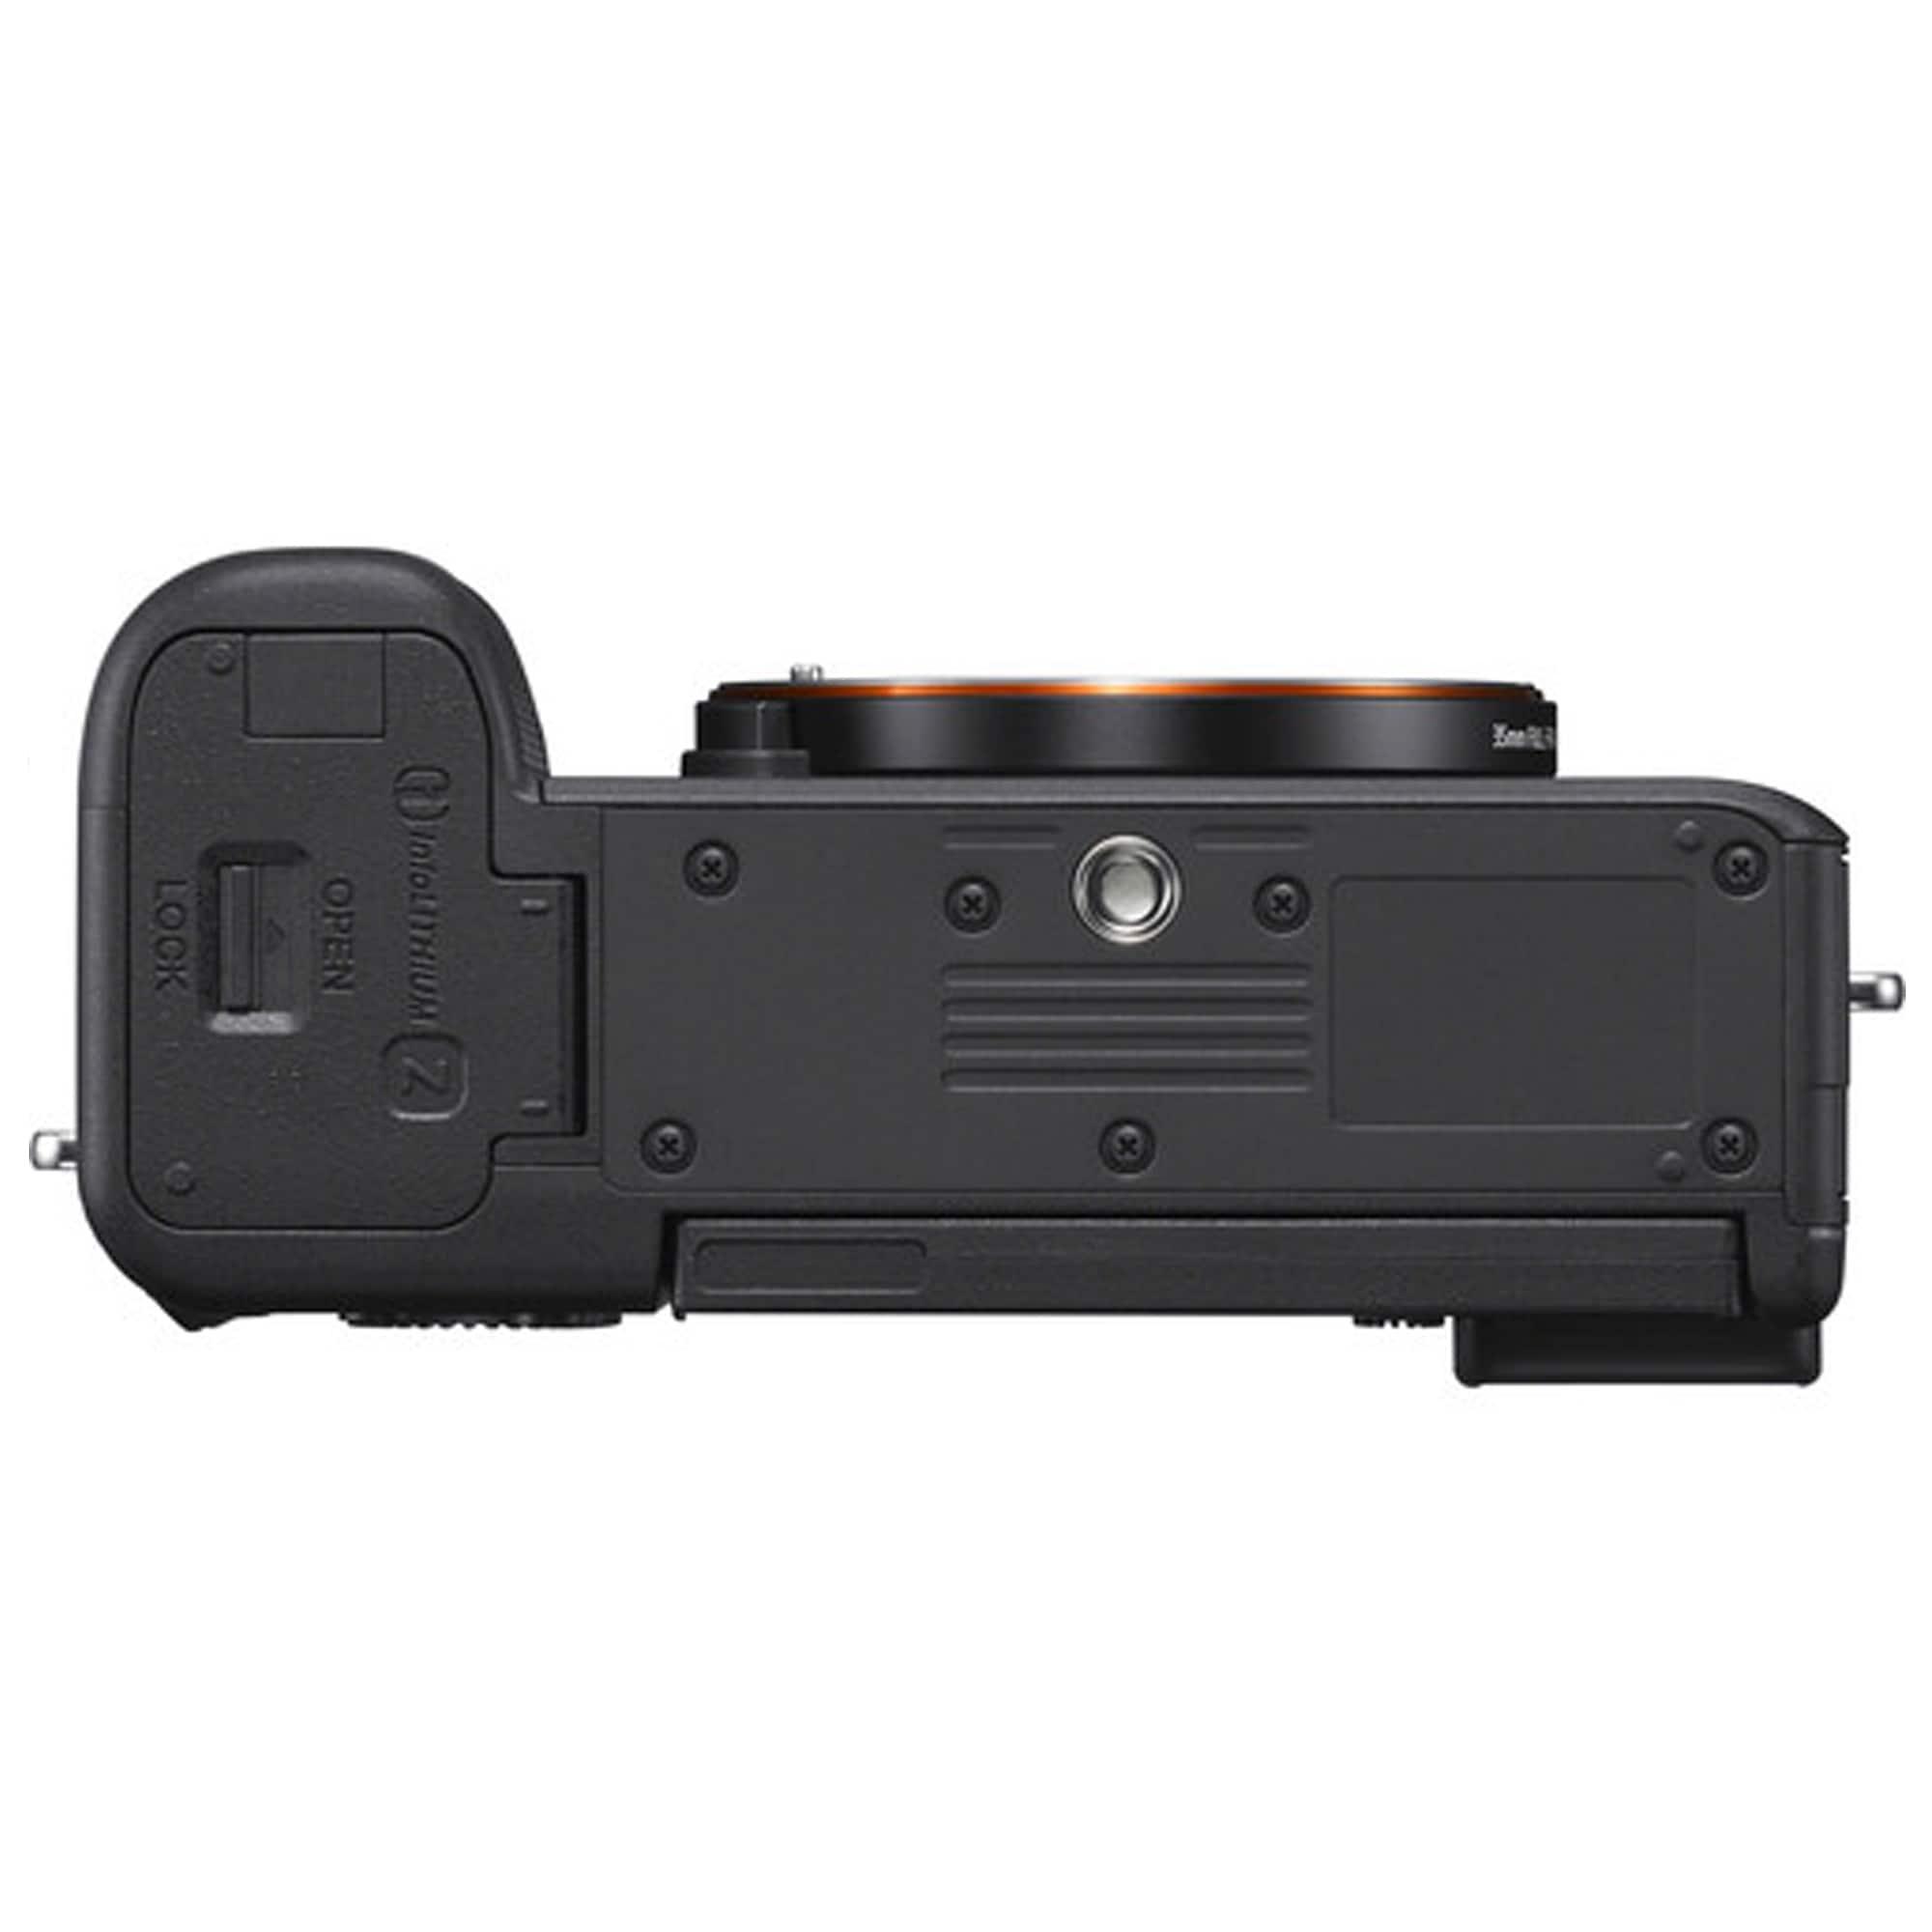 Sony A7C + FE 28-60mm f/4-5,6 silver